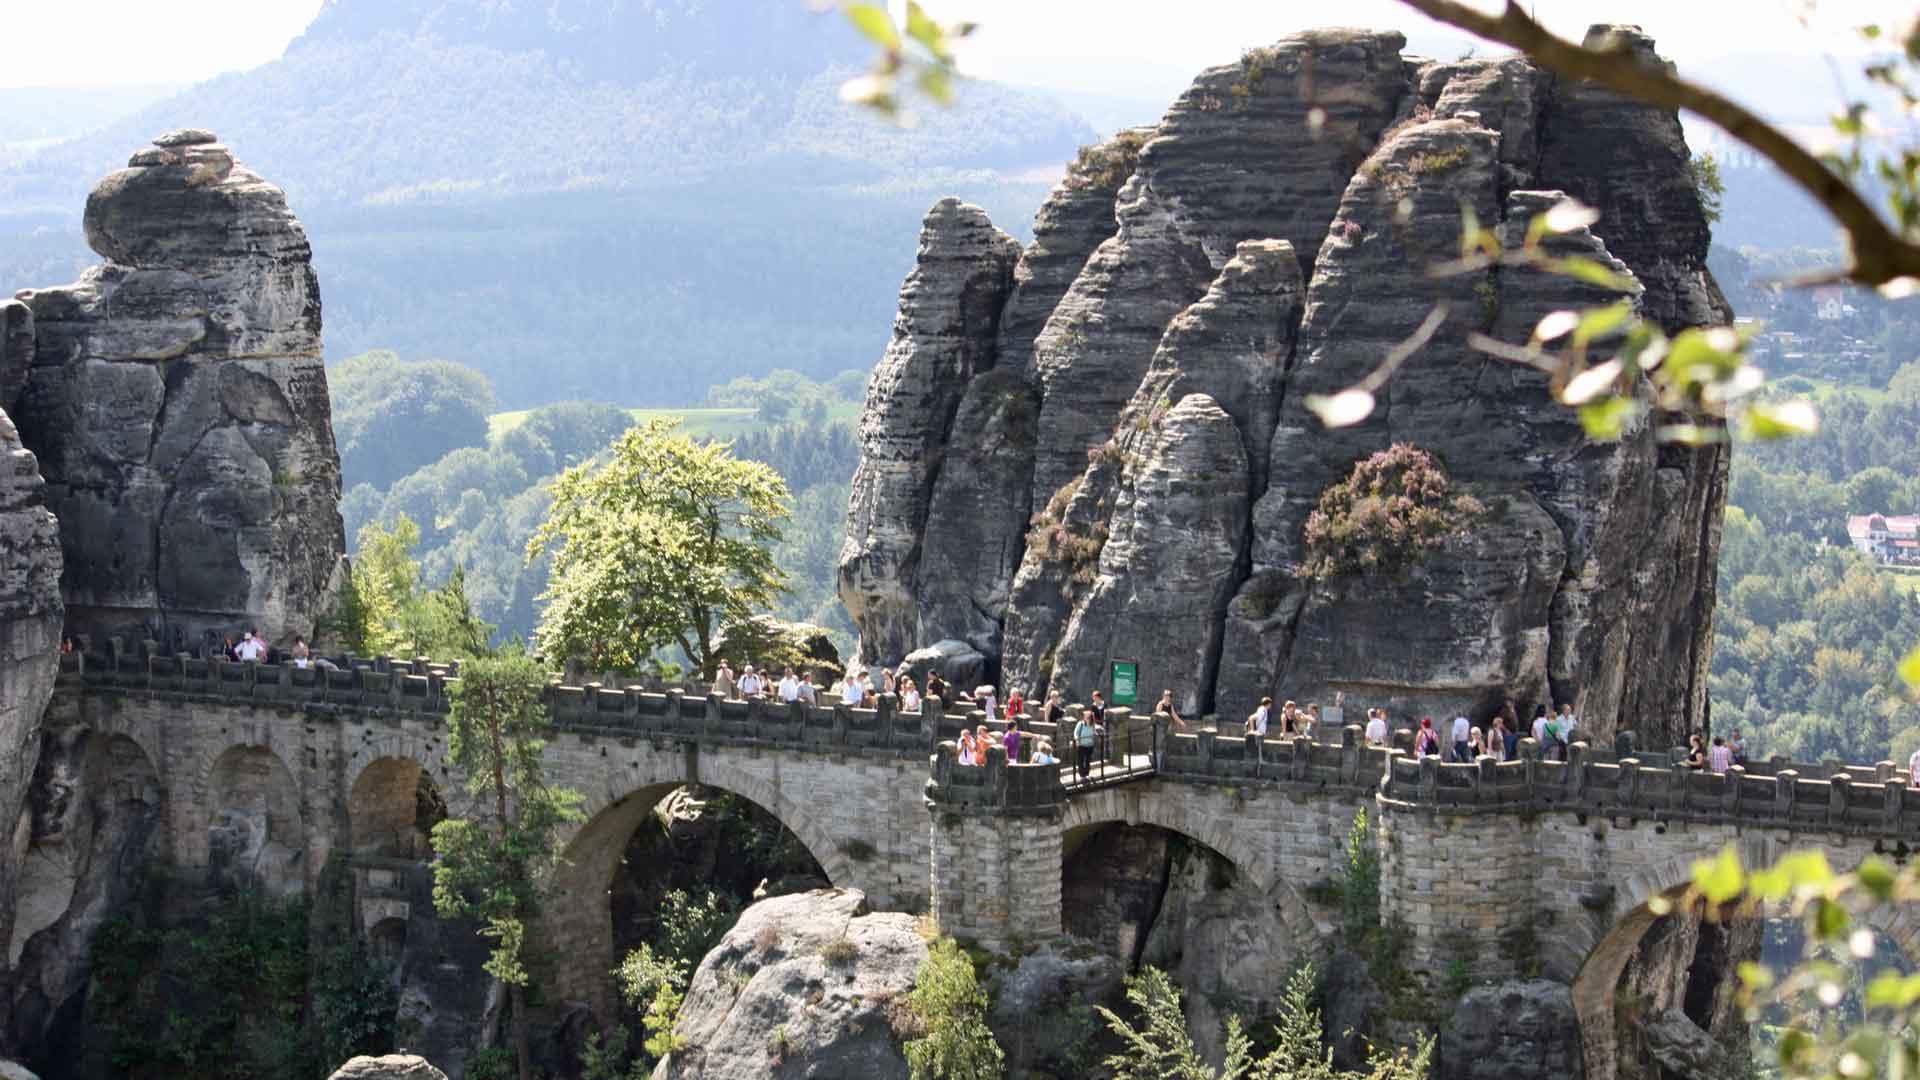 De Bastei in de Sächsische Schweiz